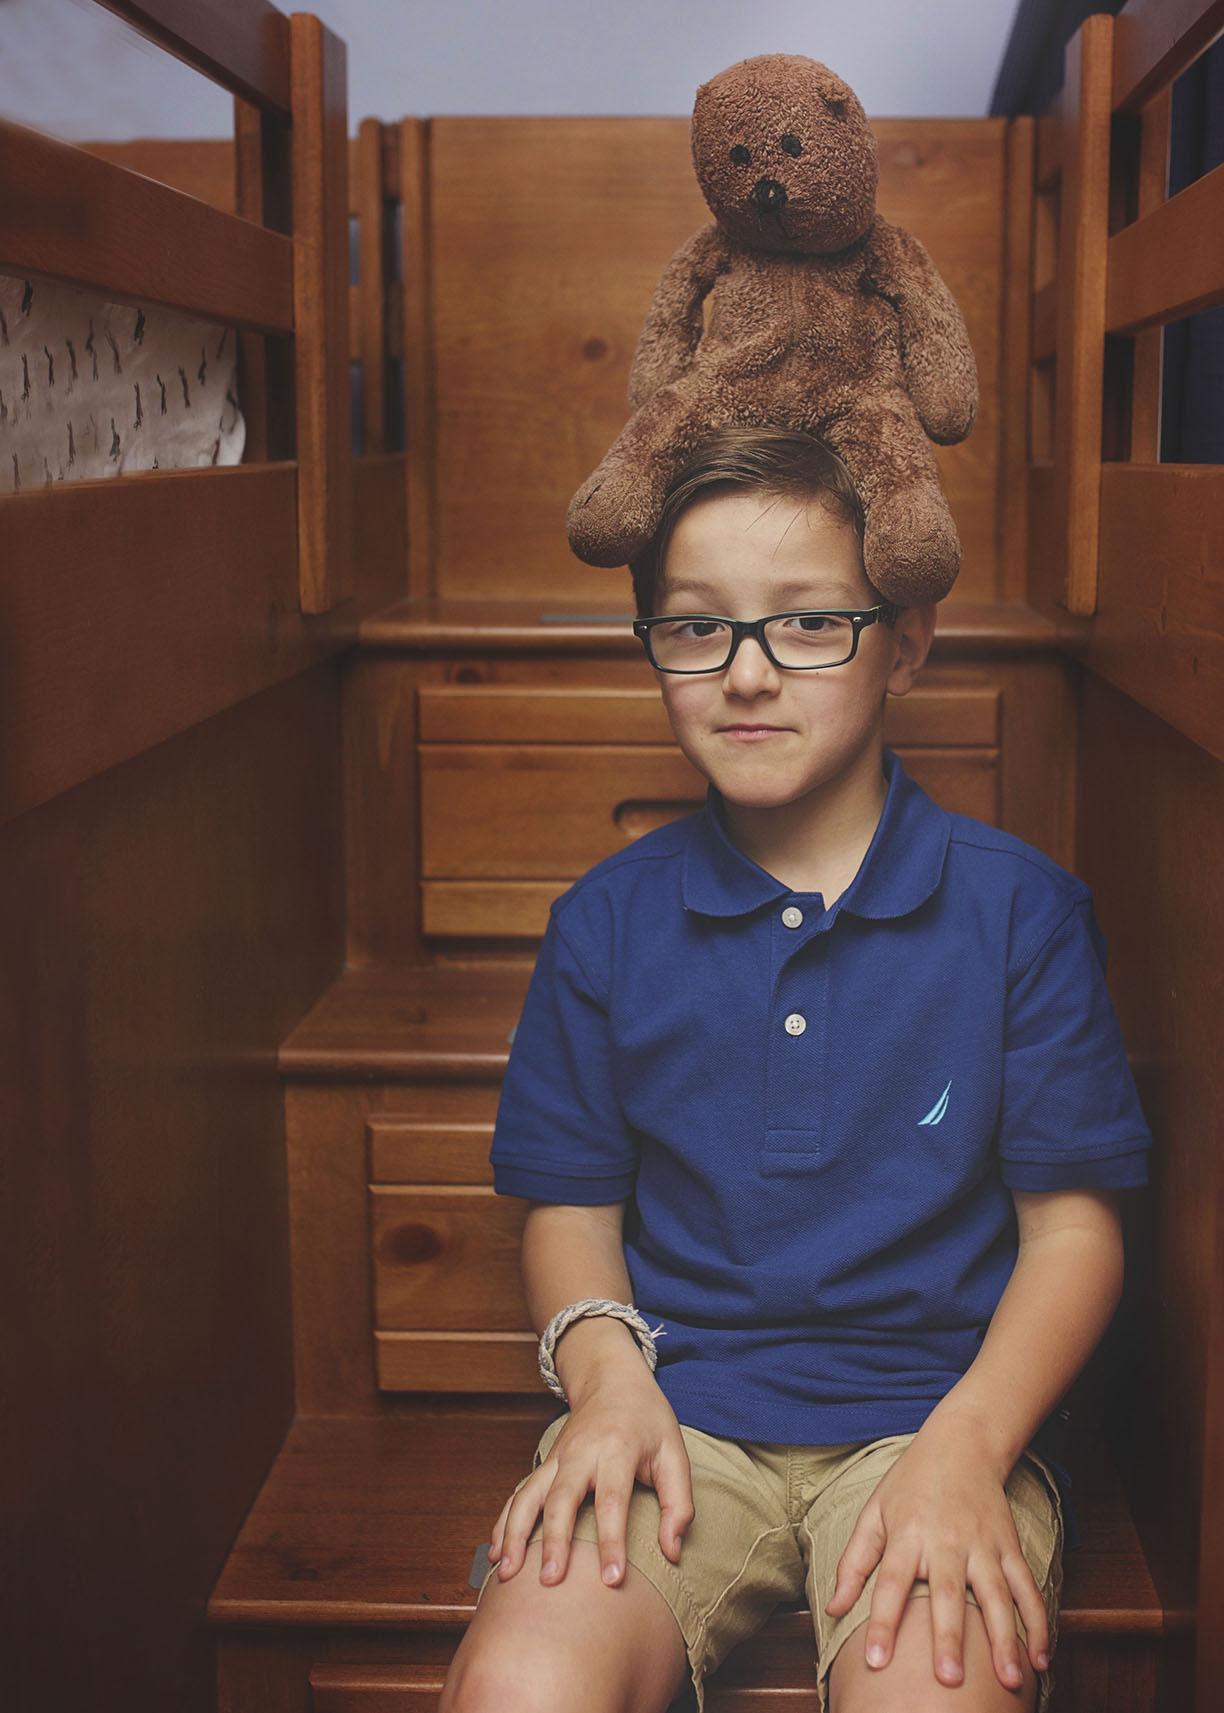 boy with teaddy bear stuffed animal shoot portrait family ideas Madison.jpg